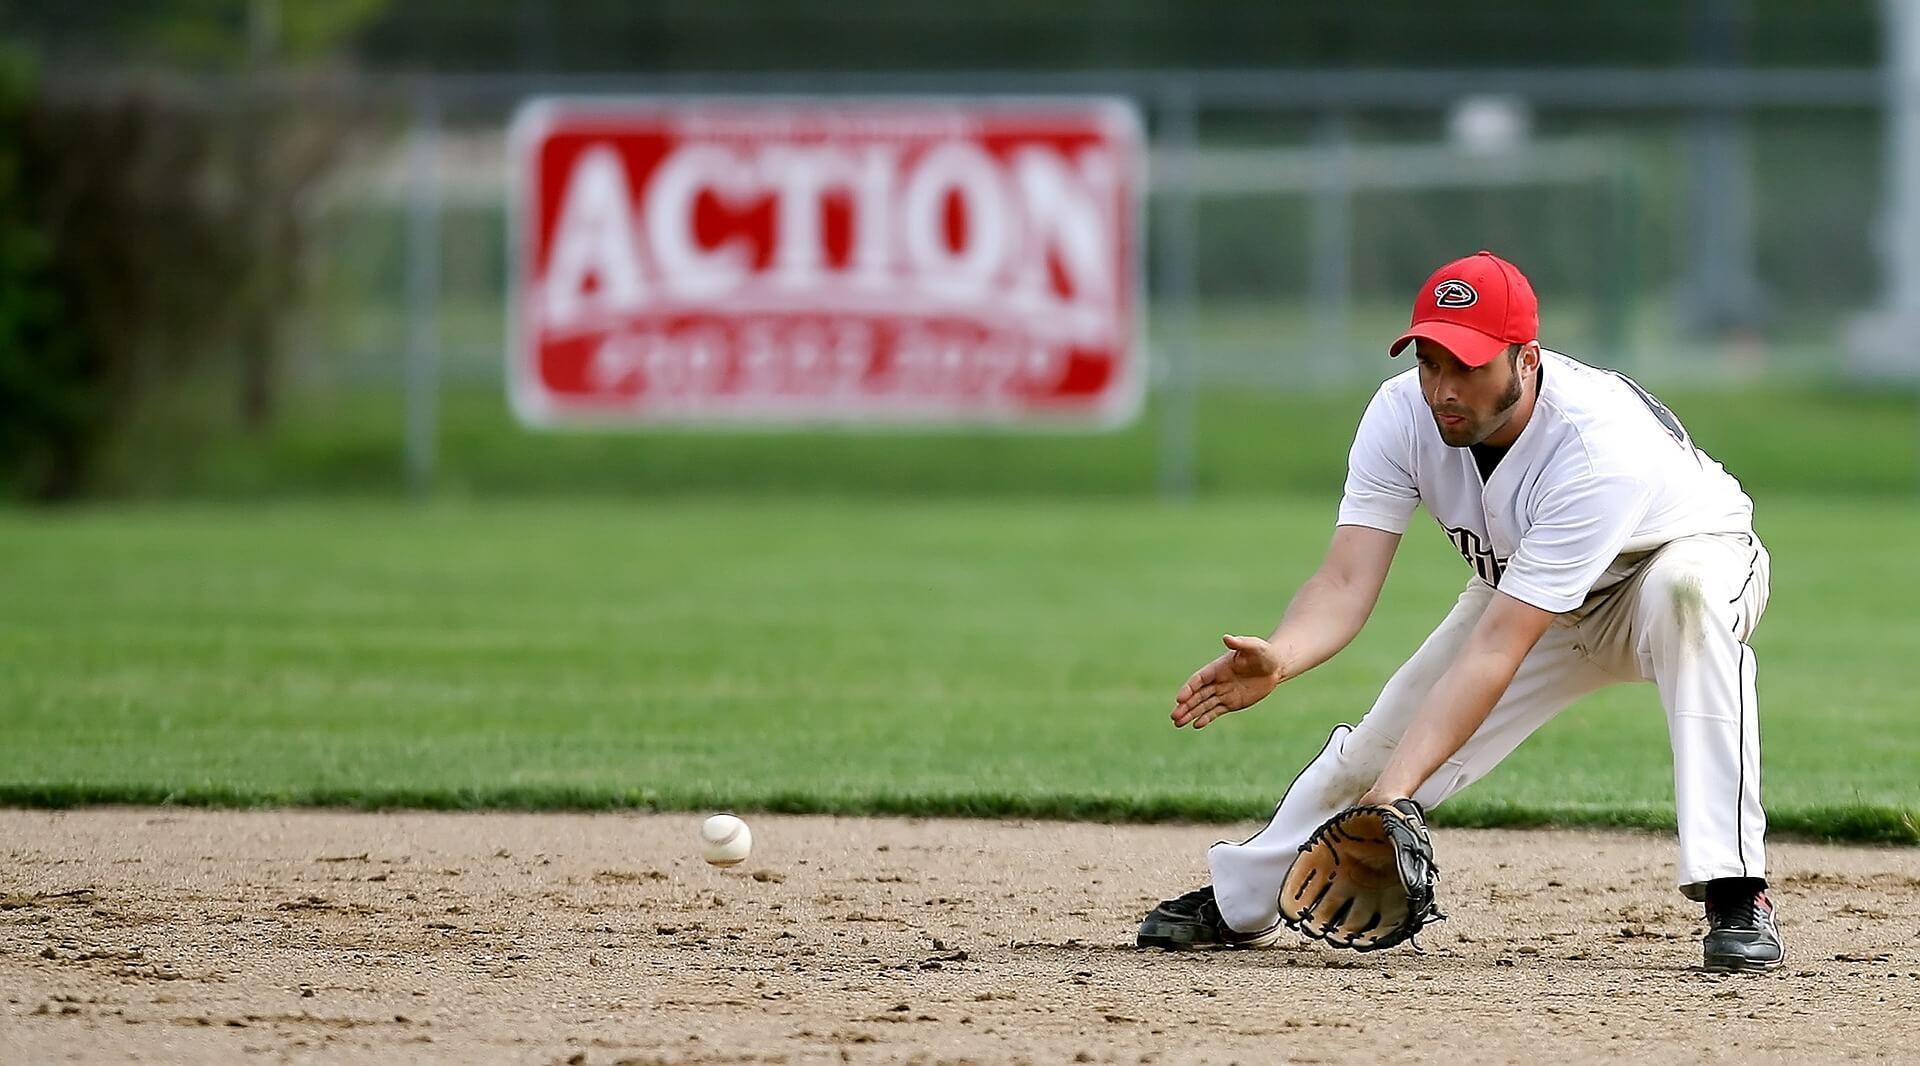 少年野球向け守備上達法/安定感が出る右側の動き2つのポイント